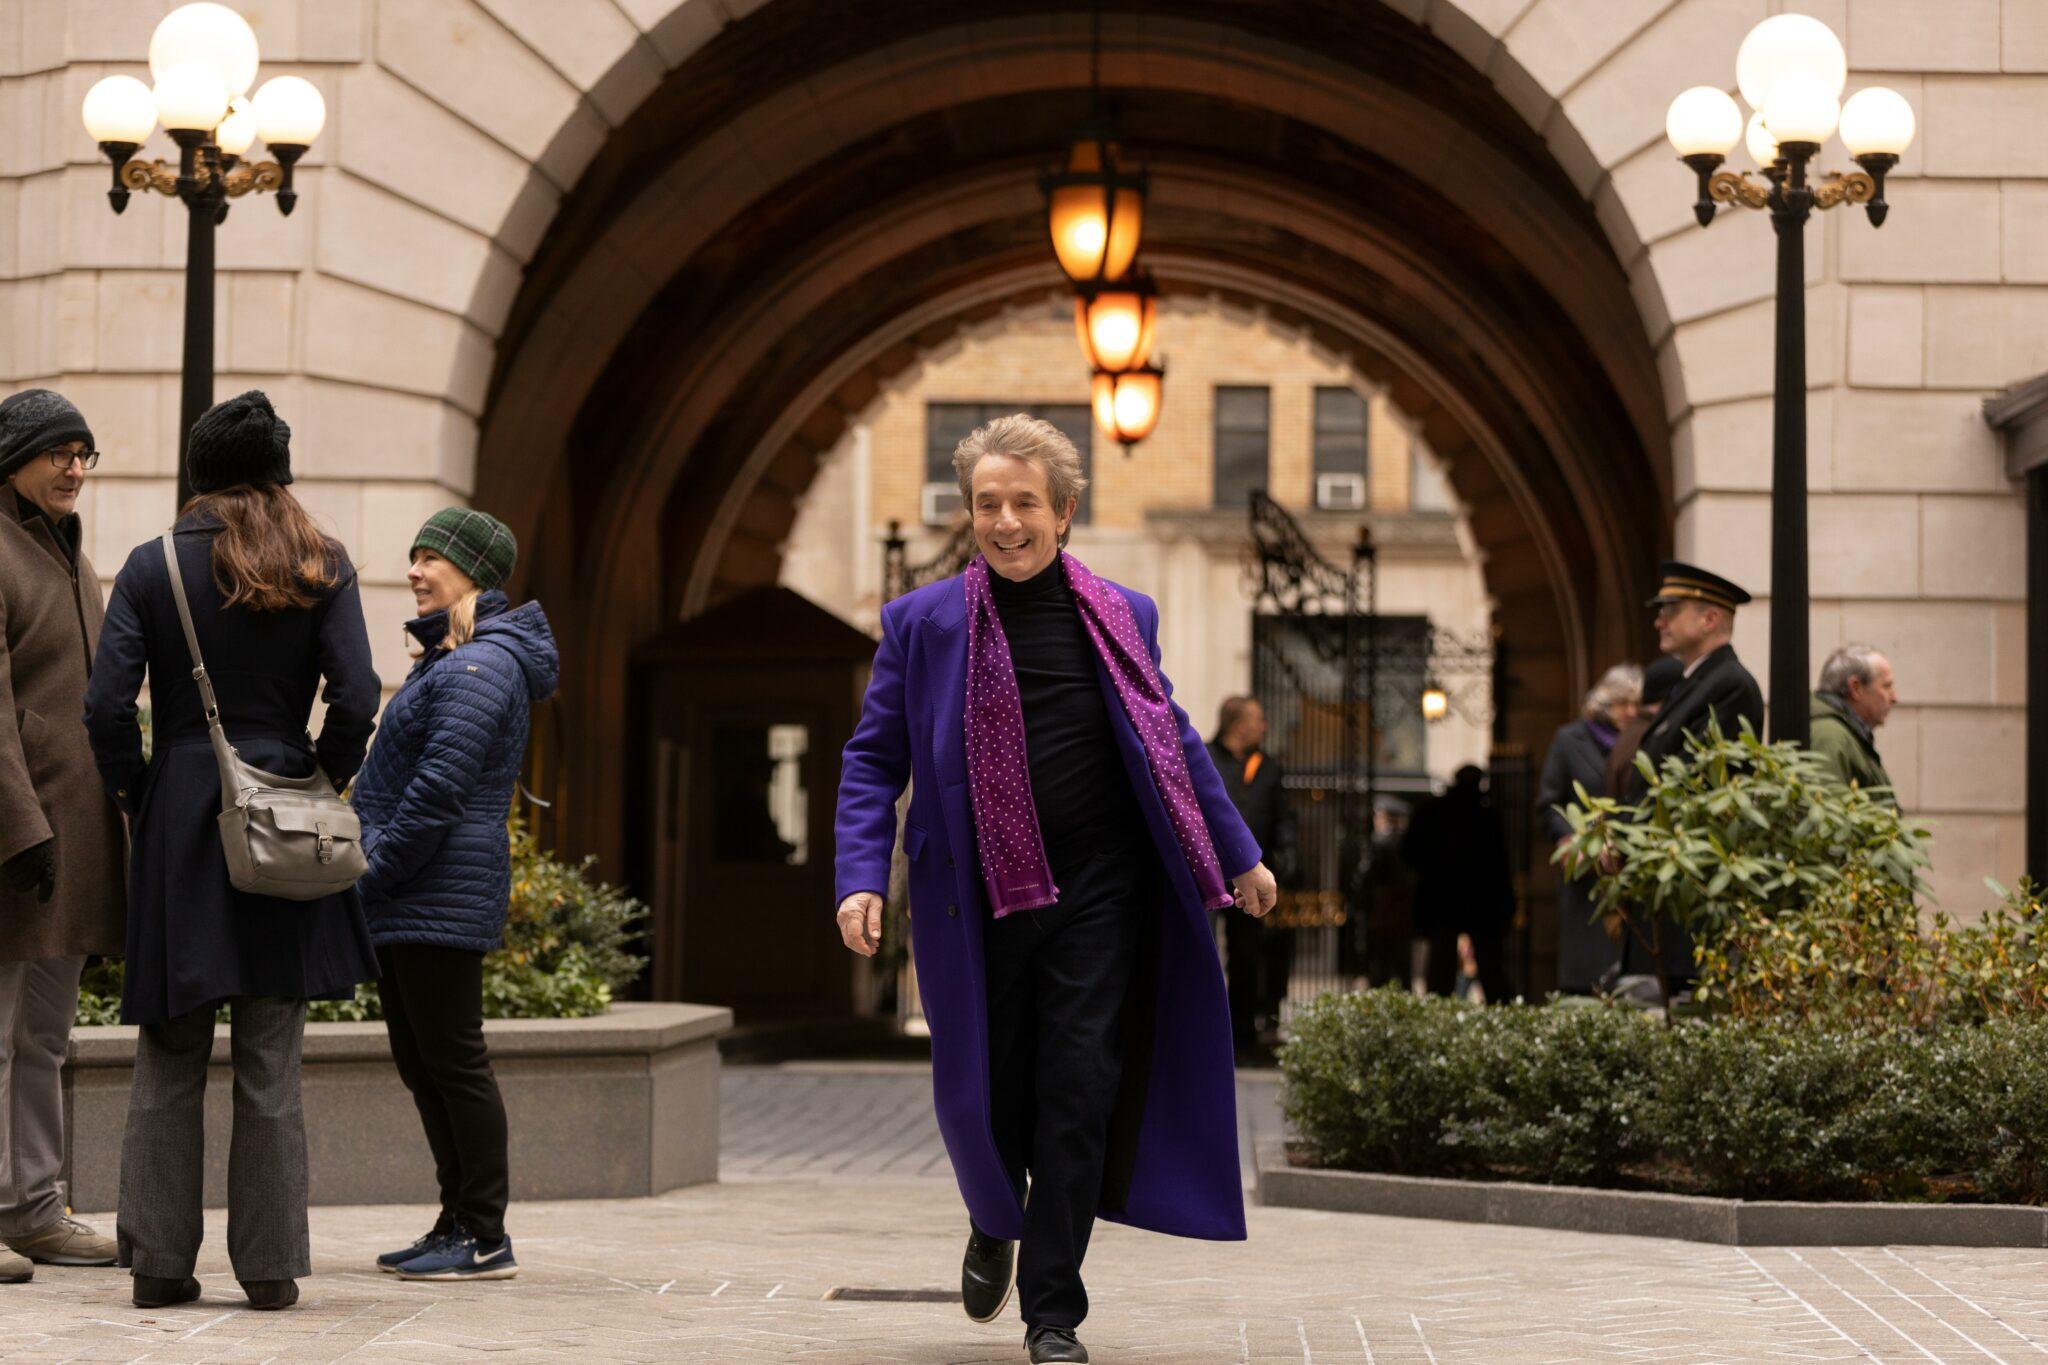 Oliver (Martin Short,) mit einem violetten Mantel und pinken Schal, läuft freudestrahlend in Richtung Kamera. Im Hintergrund sieht man einige Passanten sowie einen Torbogen und zwei Laternen.